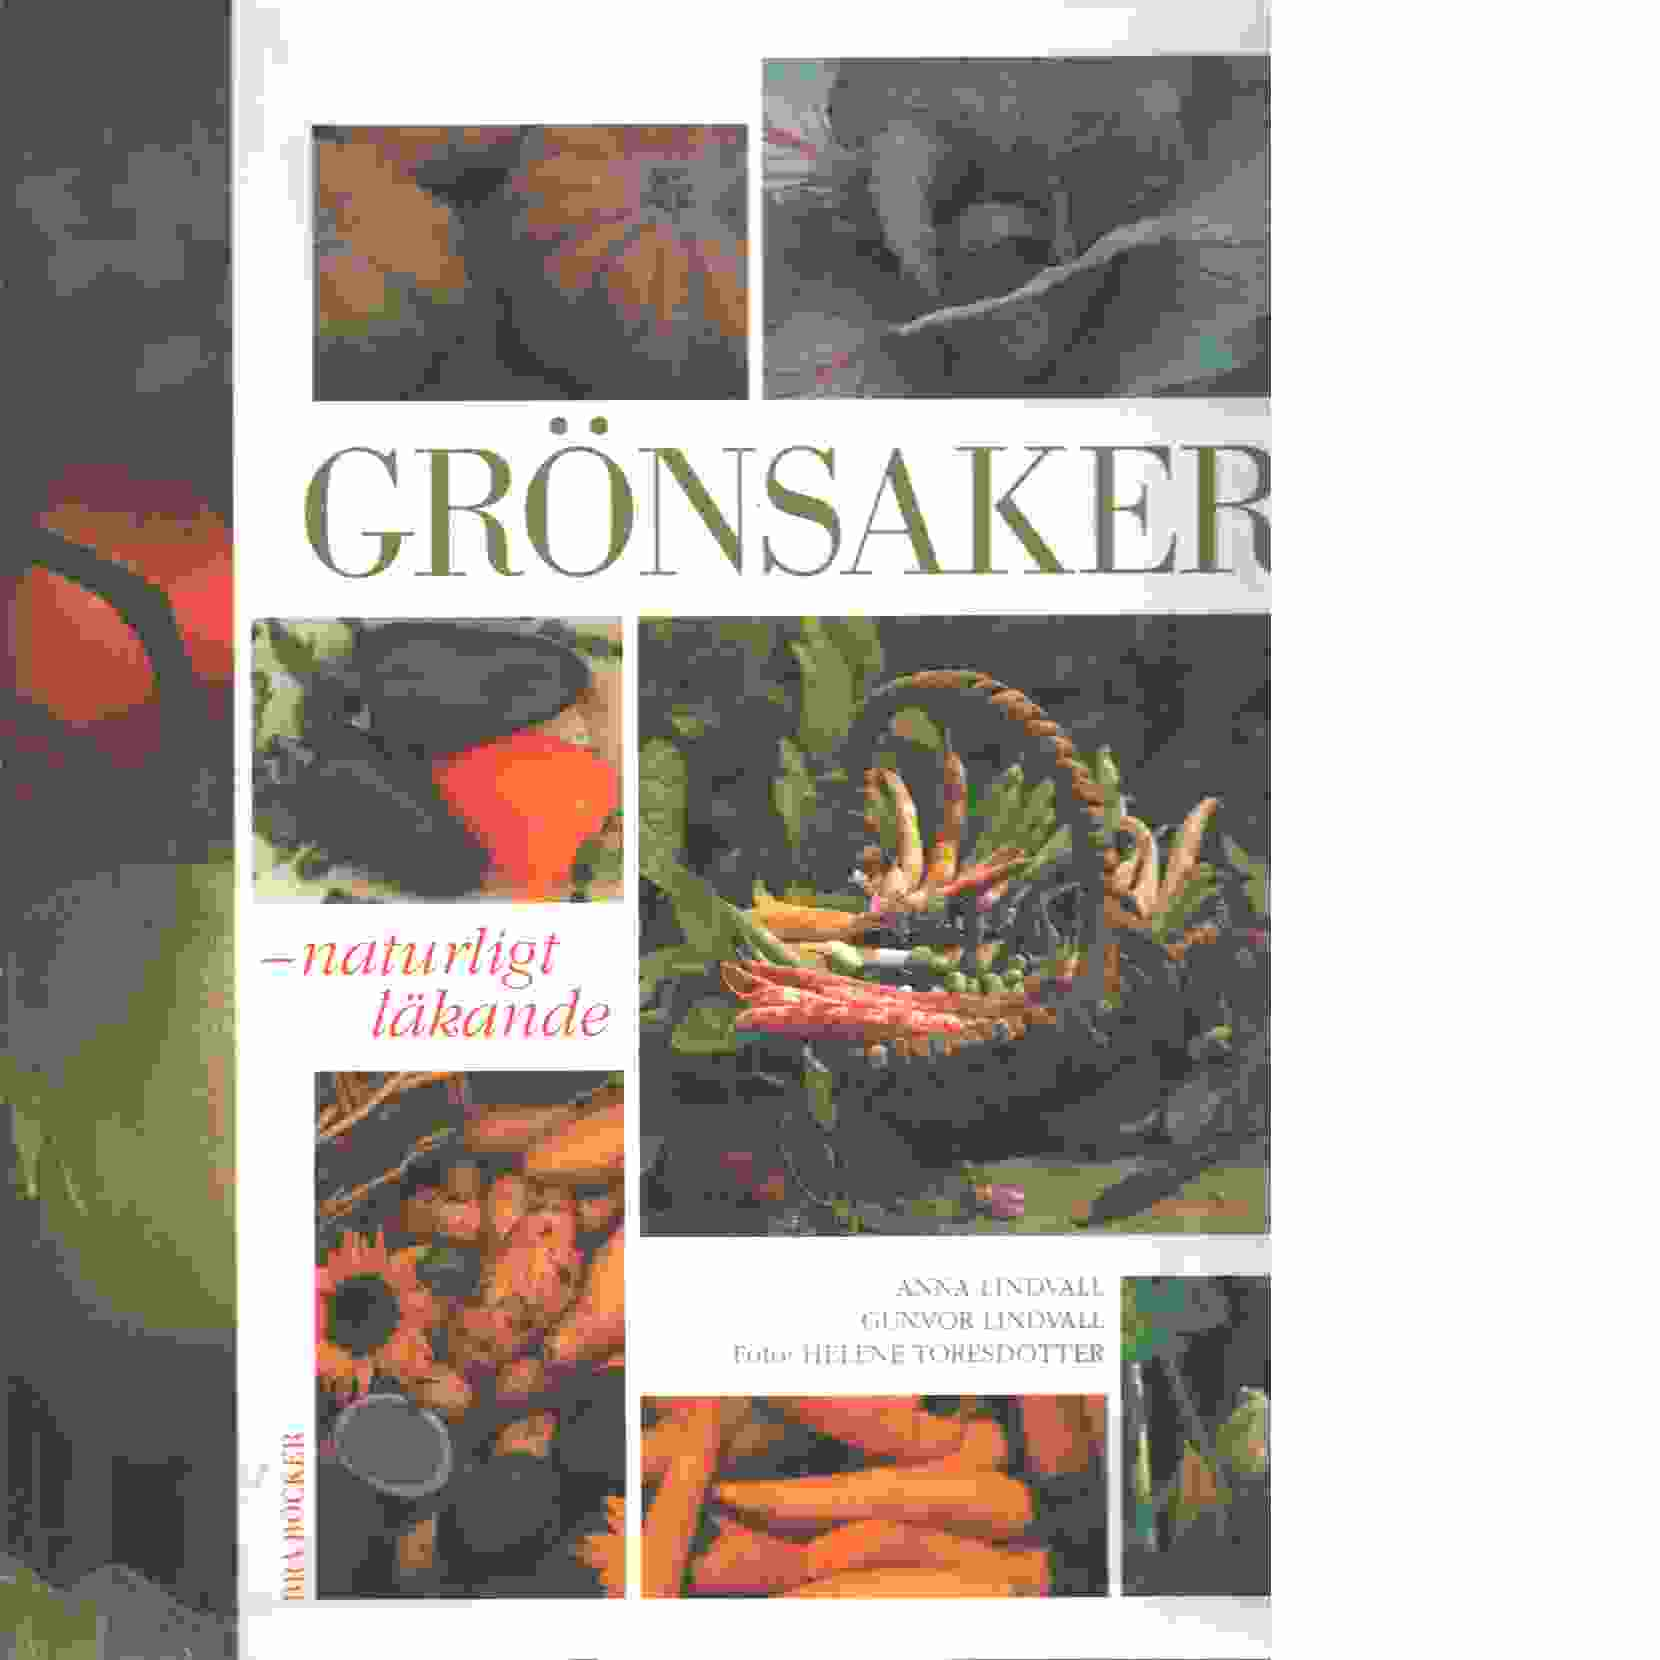 Grönsaker : naturligt läkande - Lindvall, Anna och Lindvall, Gunvor samt Toresdotter, Helene